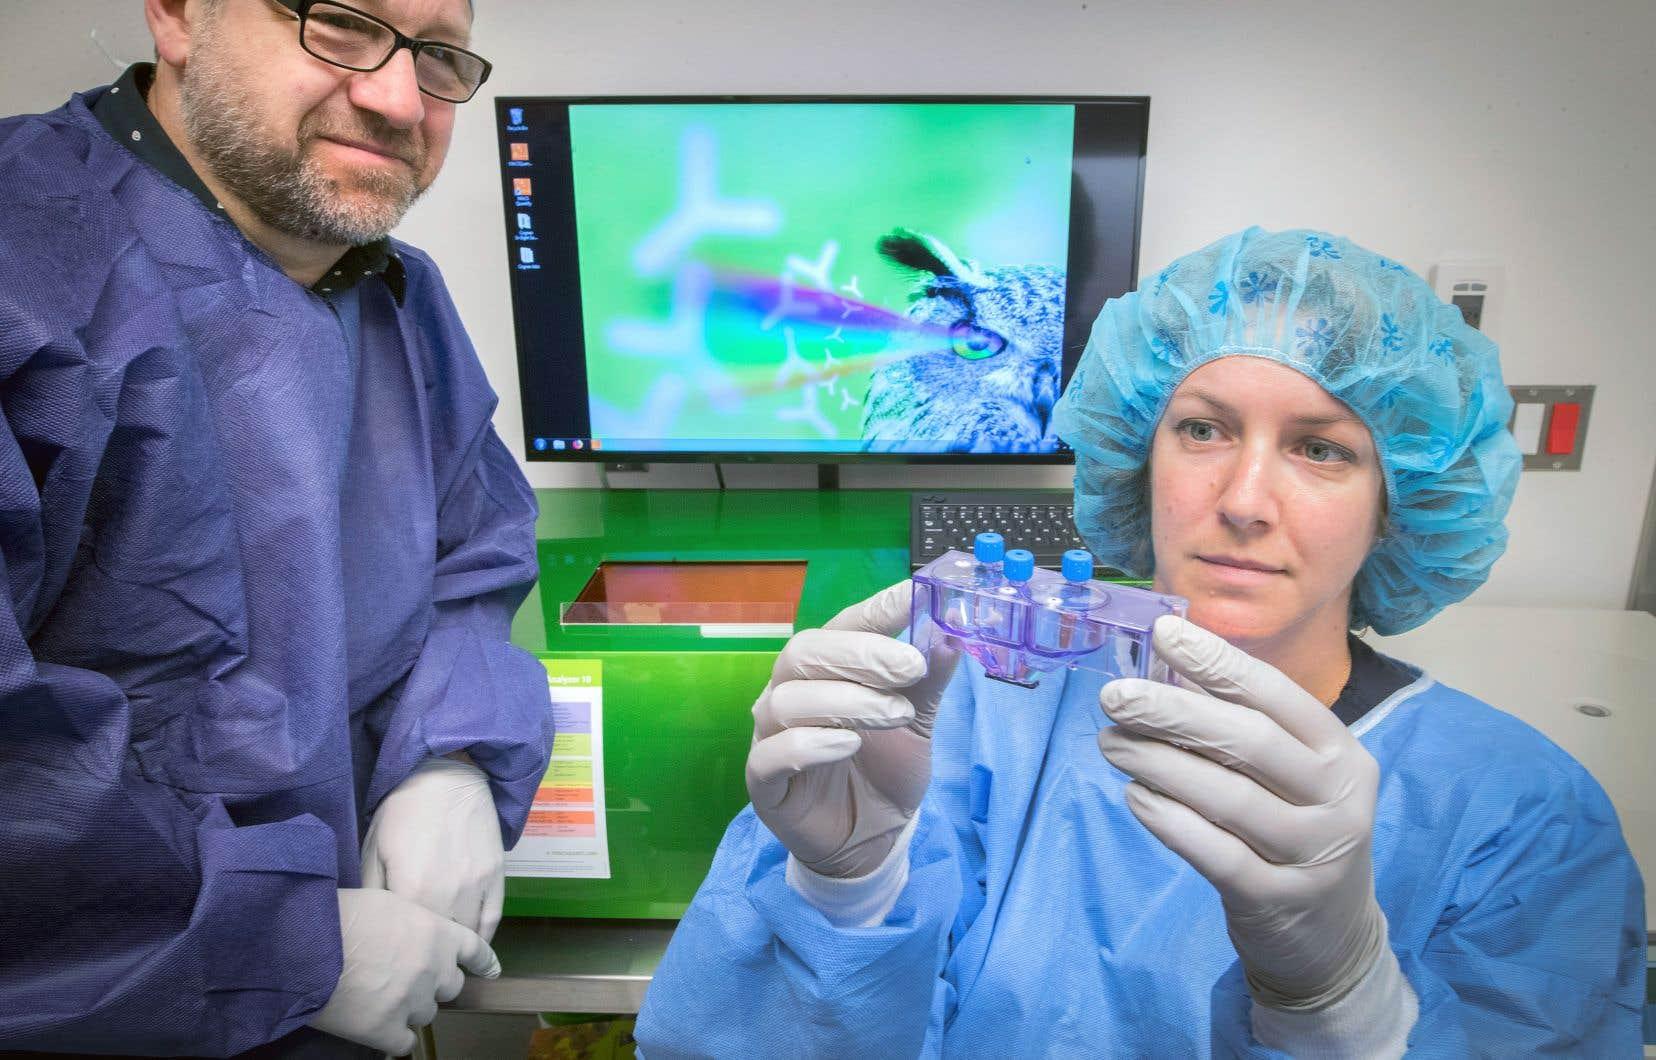 Le Centre de recherche du CHUM annonçait le lancement d'une étude clinique visant à éprouver une nouvelle technique d'immunothérapie cellulaire faisant appel à un appareil appelé «trieur cellulaire», qui sélectionne les lymphocytes T les mieux armés pour combattre les tumeurs cancéreuses.